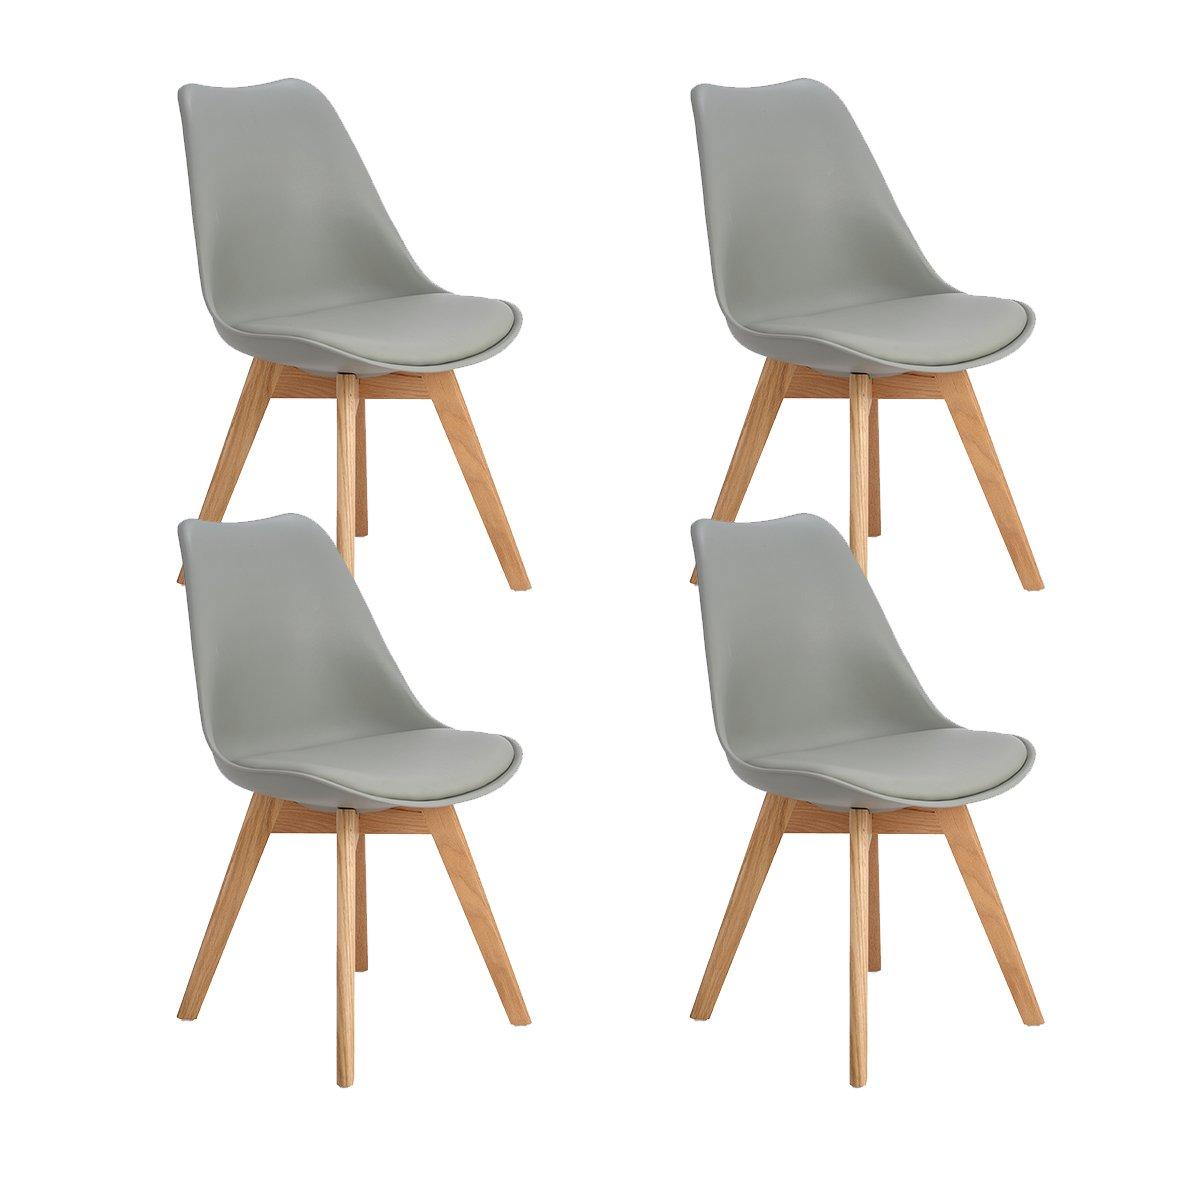 DORAFAIR set di 4 sedia design scandinave sedia da pranzo con gambe in quercia massiccio e cuscini in finta pelle, Bianco